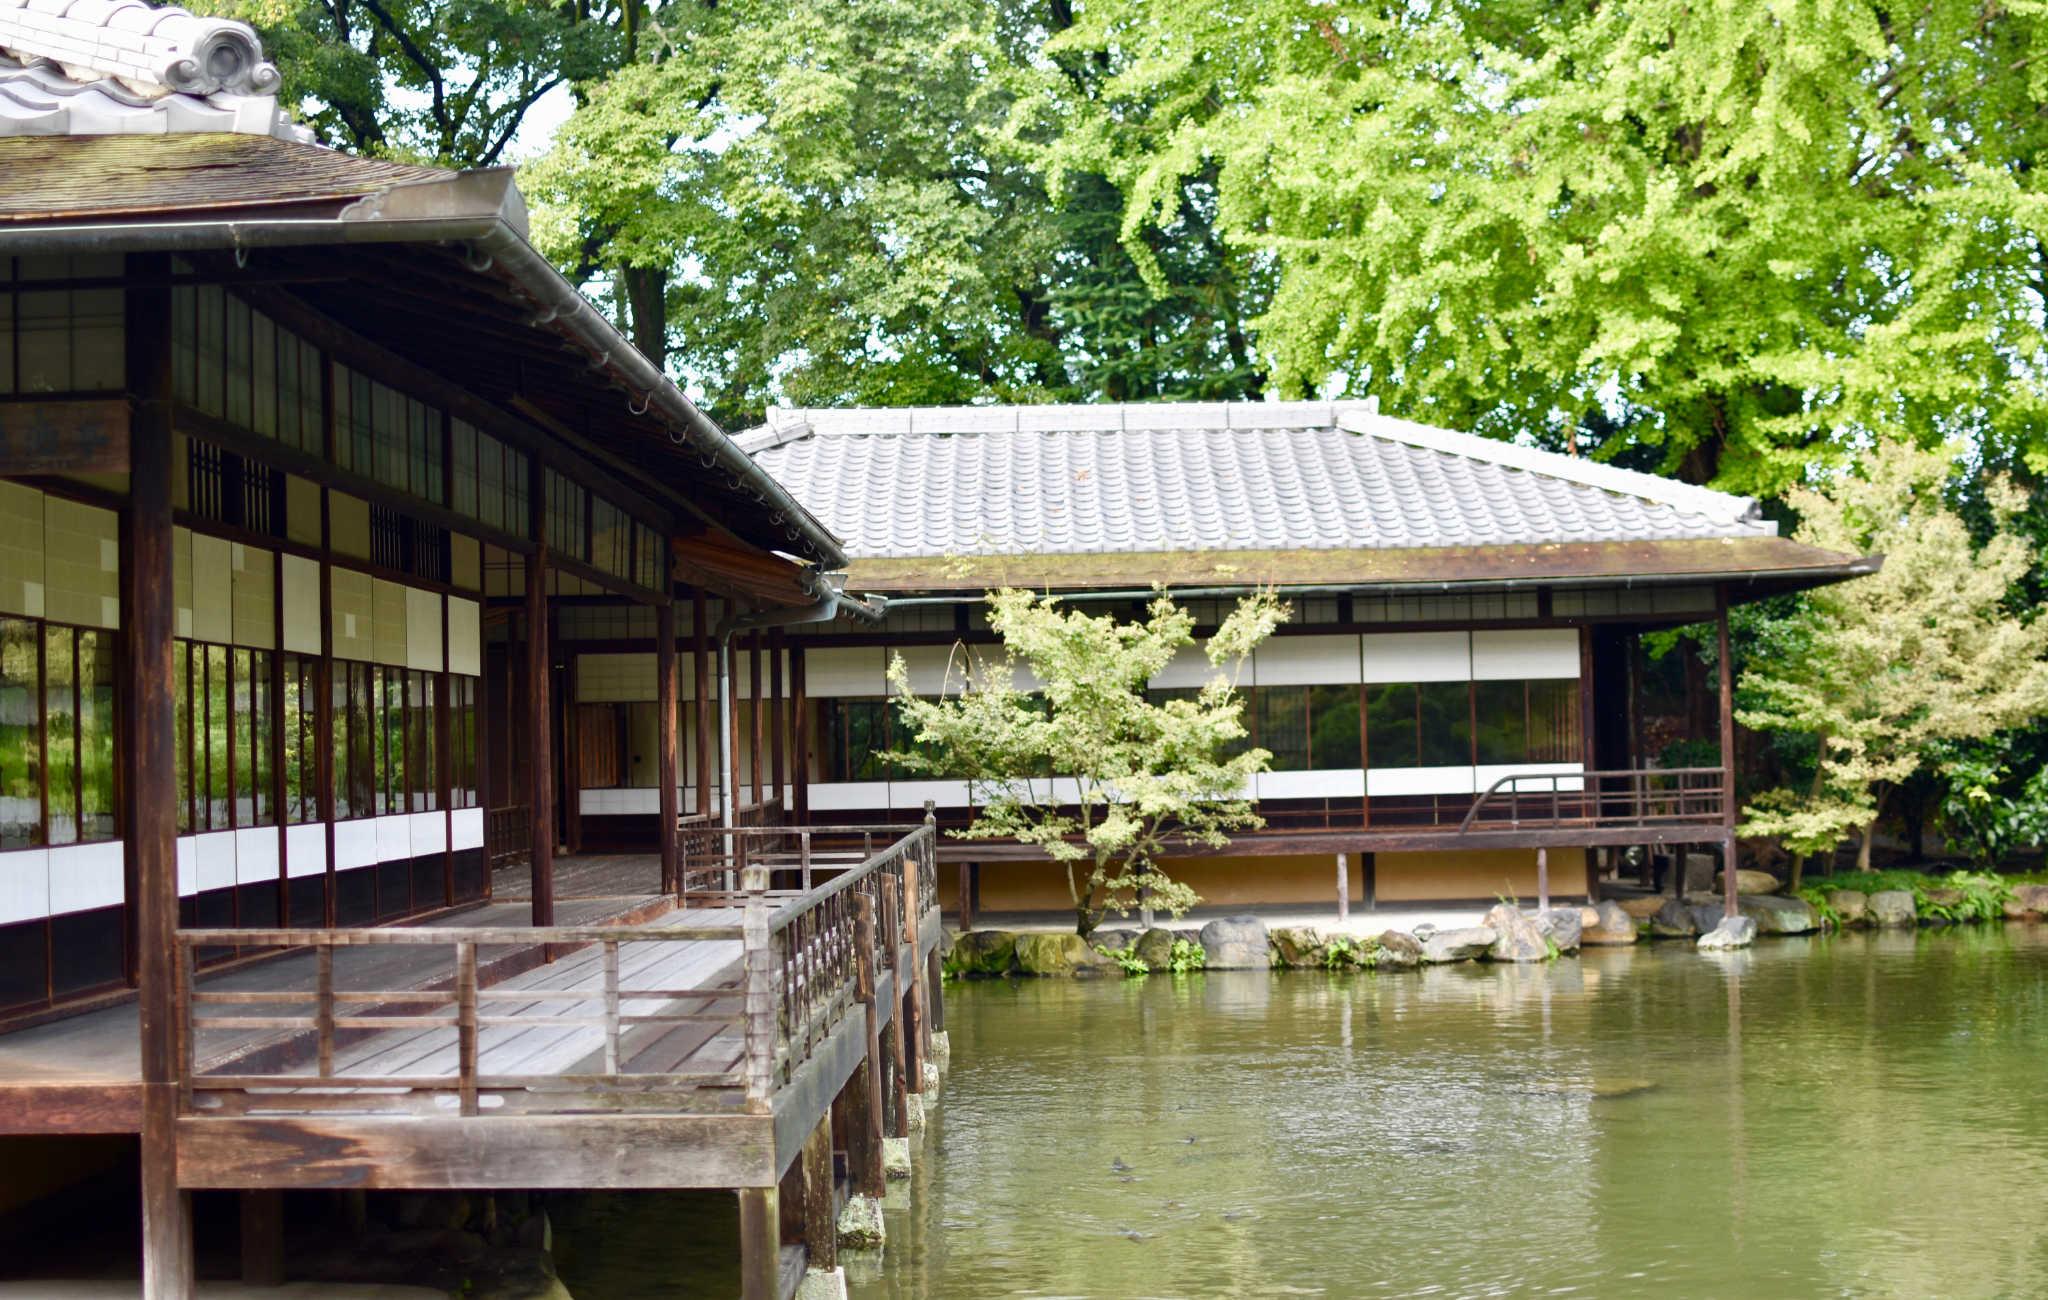 Point central du jardin, cette magnifique maison de thé en bordure du lac